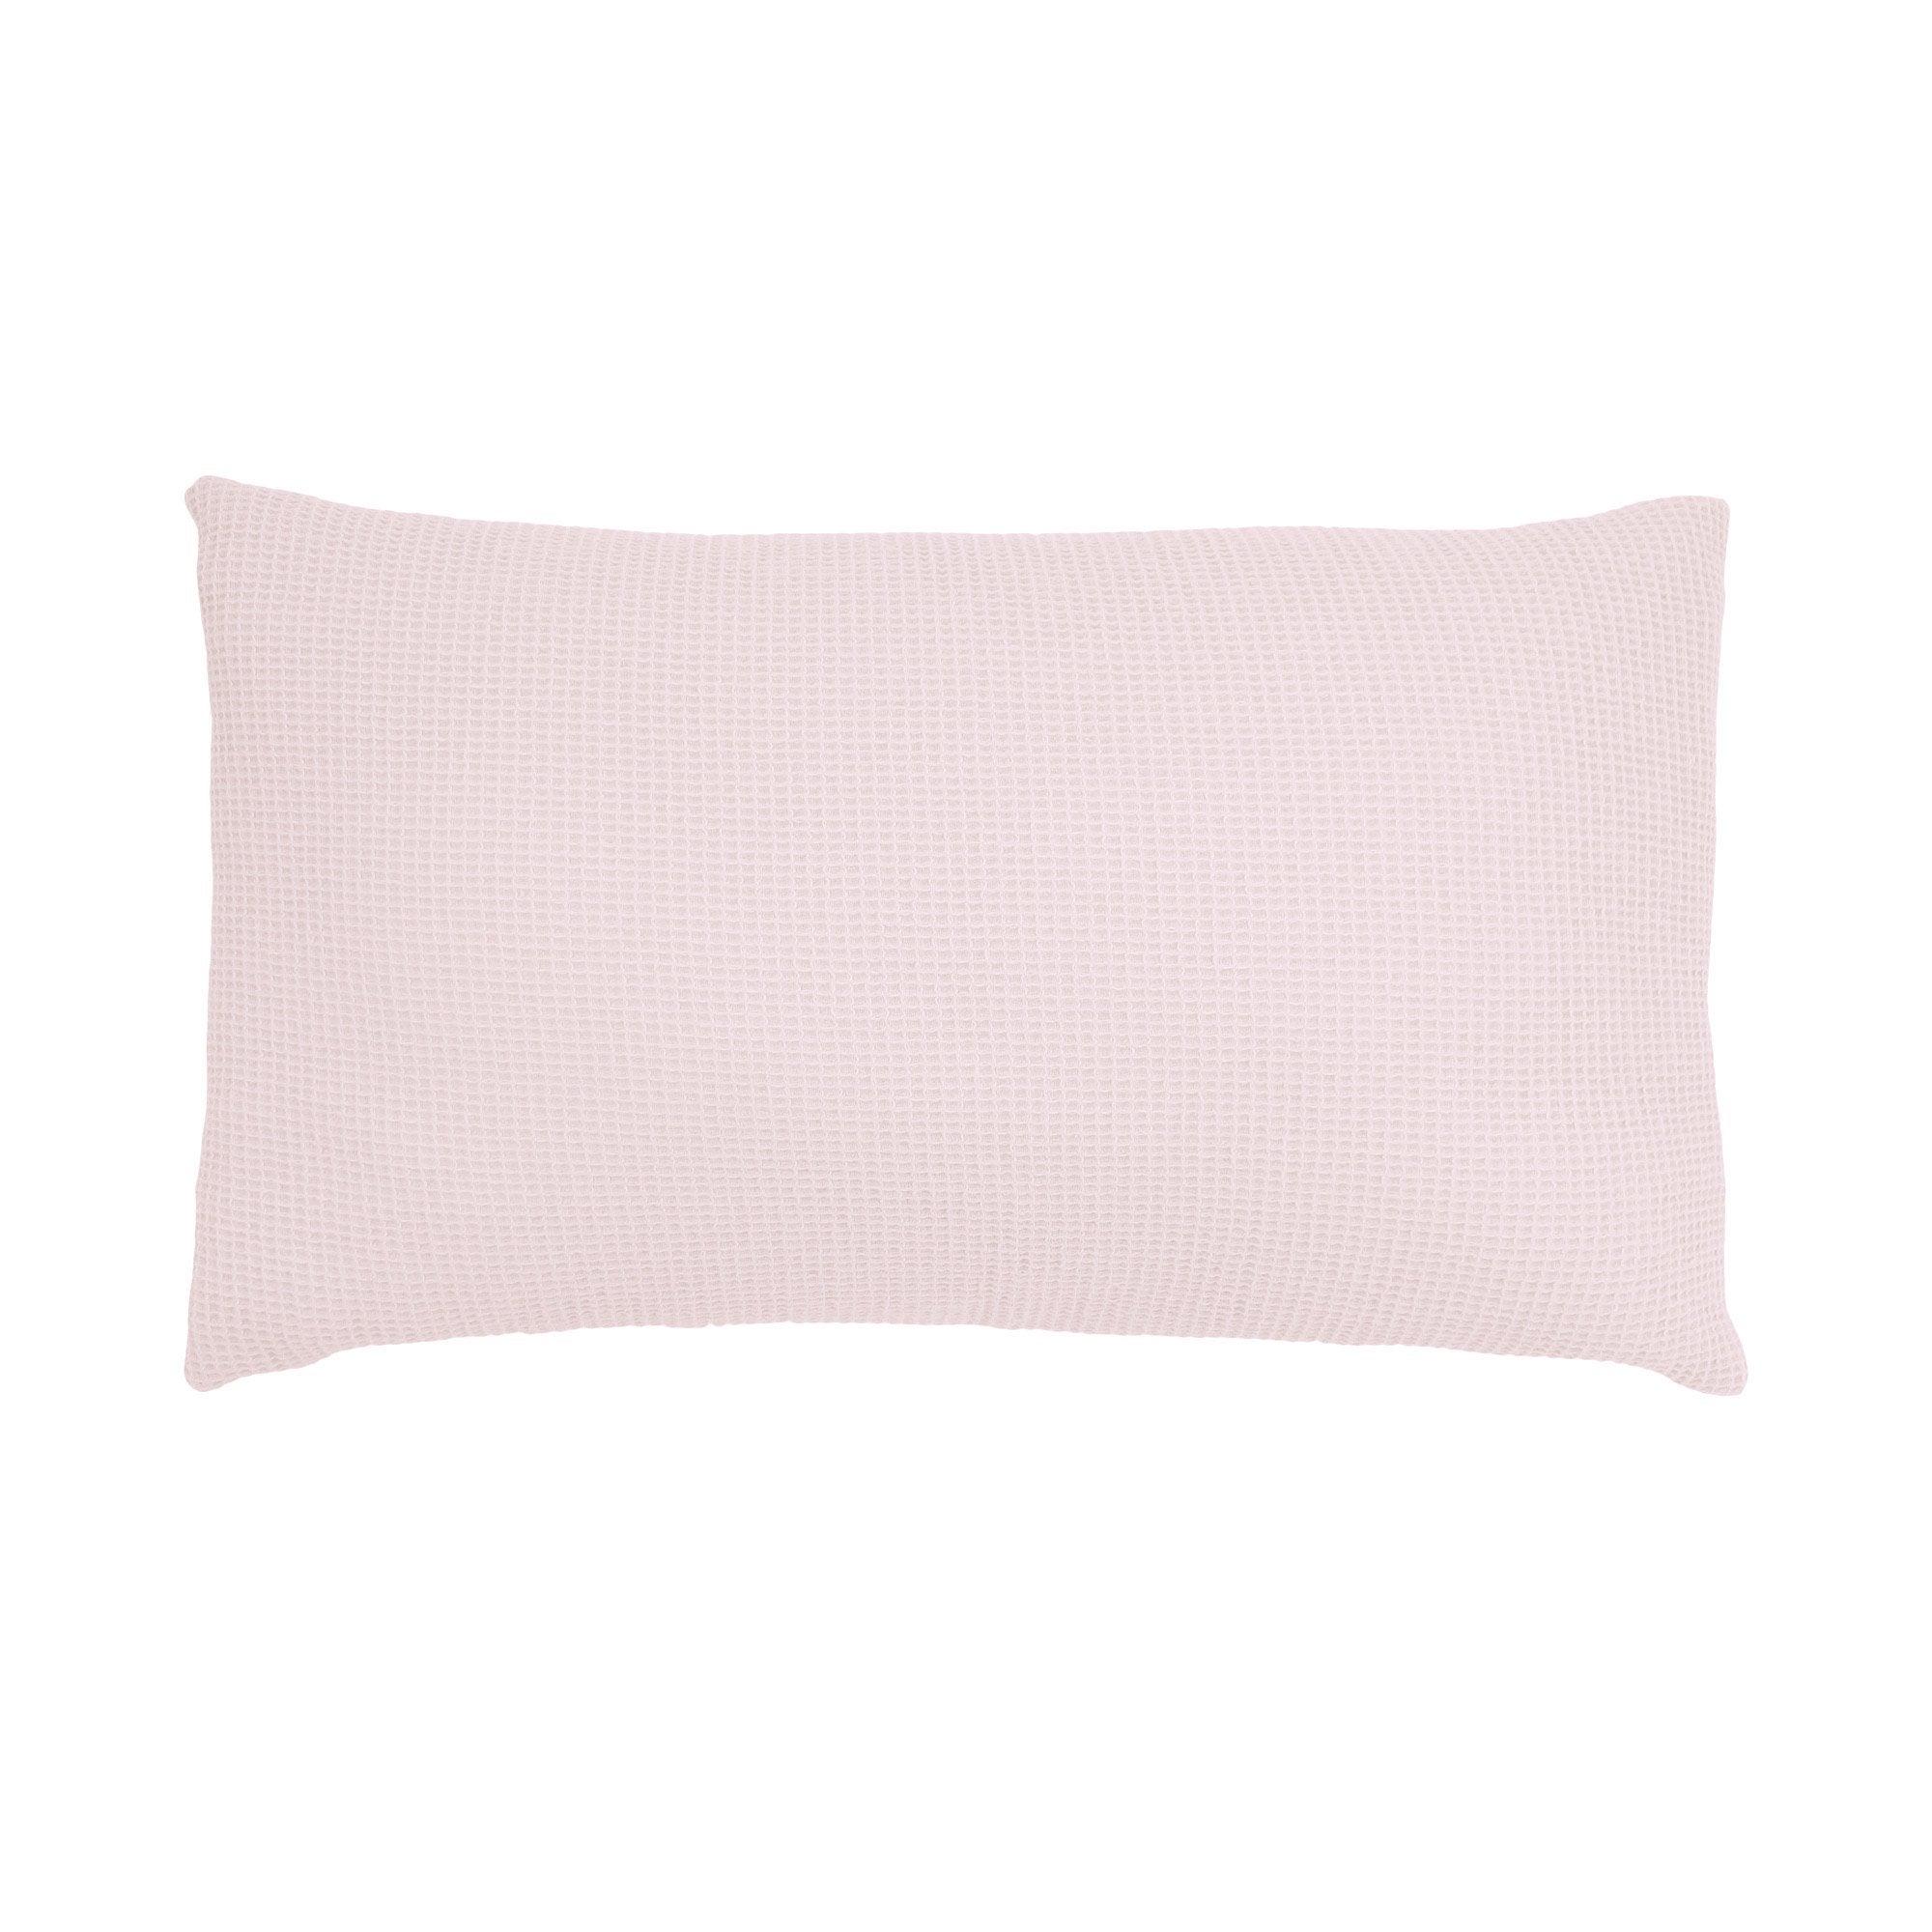 Coussin Mistral, rose poudré l.50 x H.30 cm